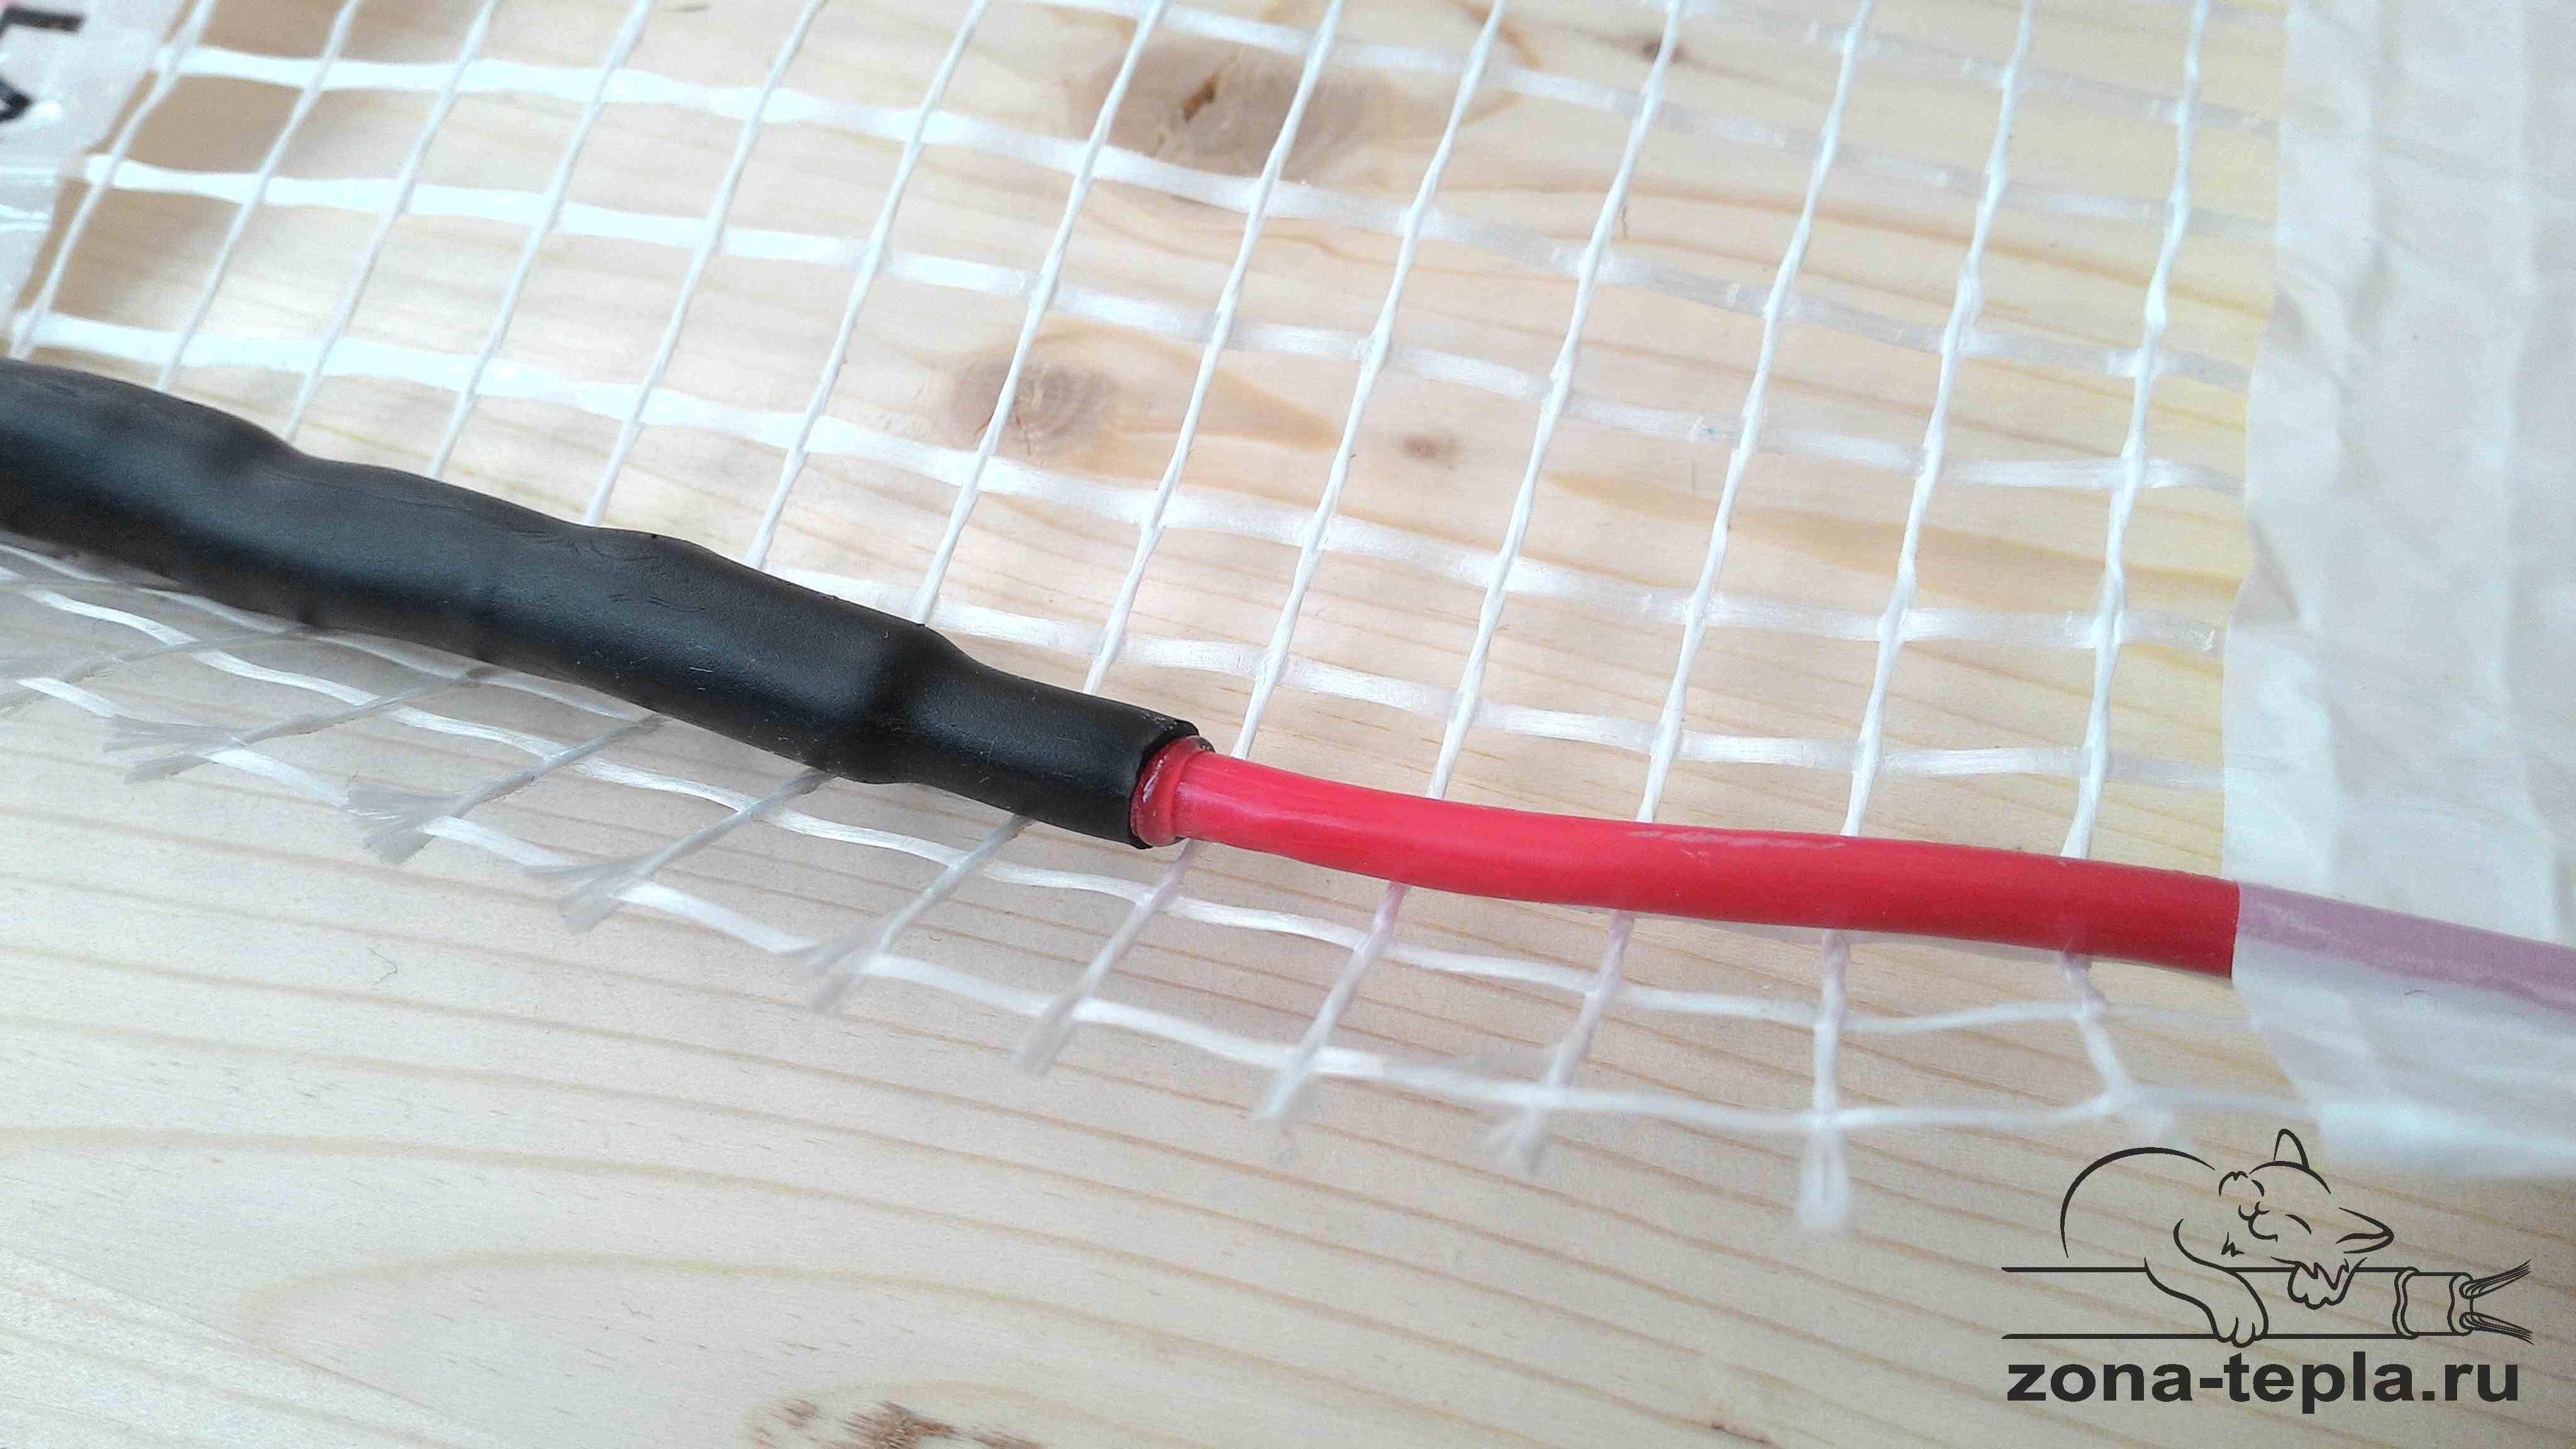 Теплый пол под плитку электрический - соединительная муфта